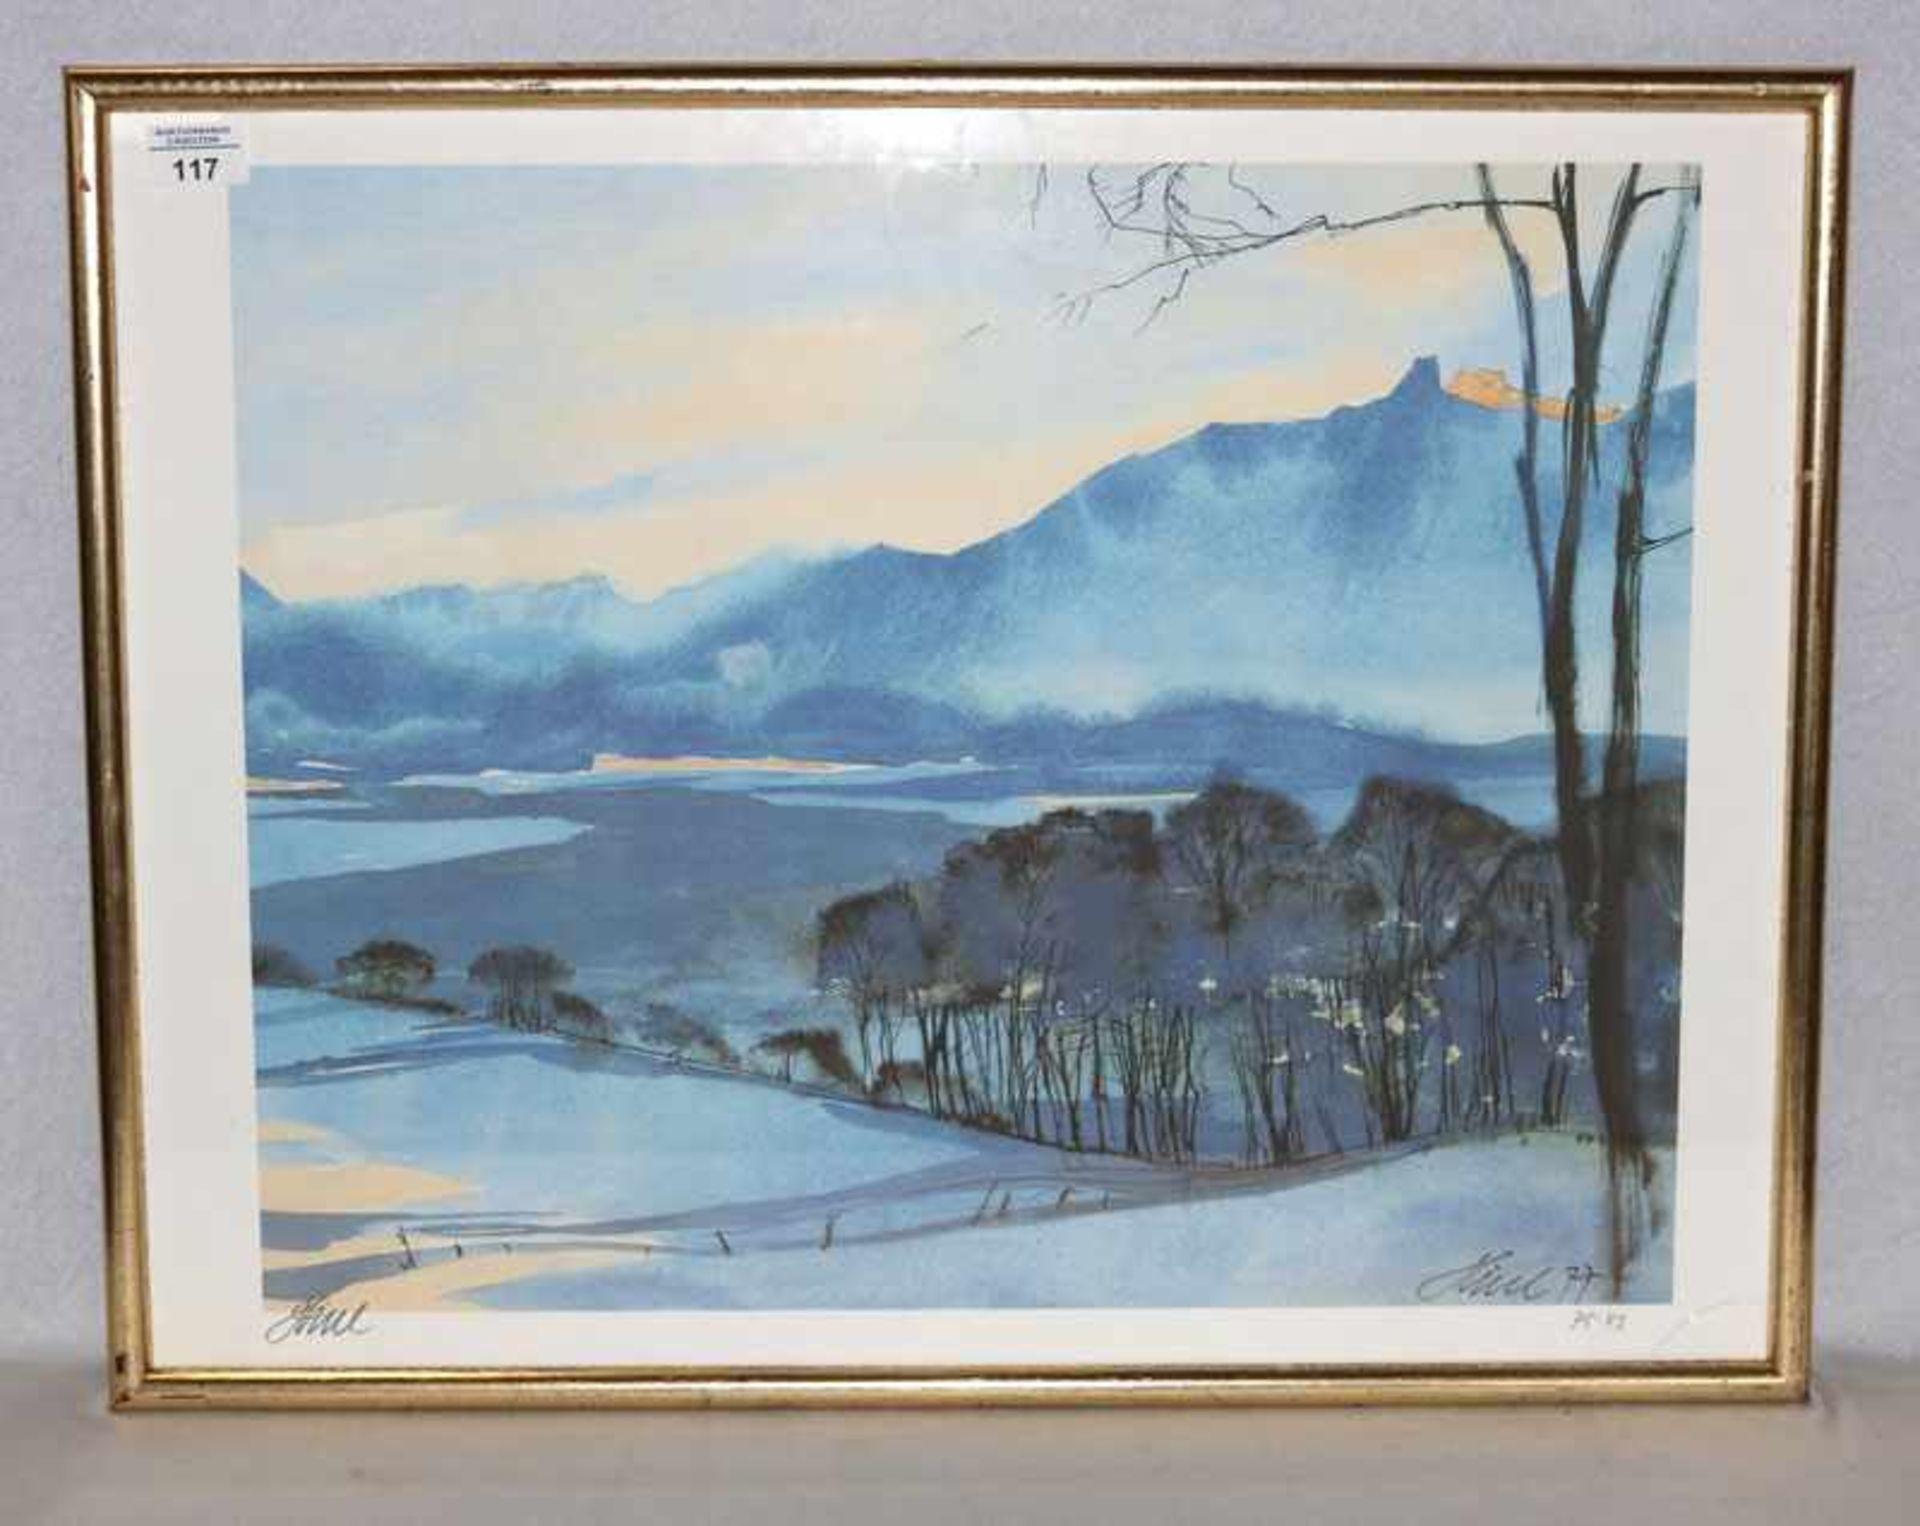 Lithographie 'Murnauer Moor im Winter', signiert Hierl, Fritz, * 1920 + 2005 Murnau, datiert 77, Nr.